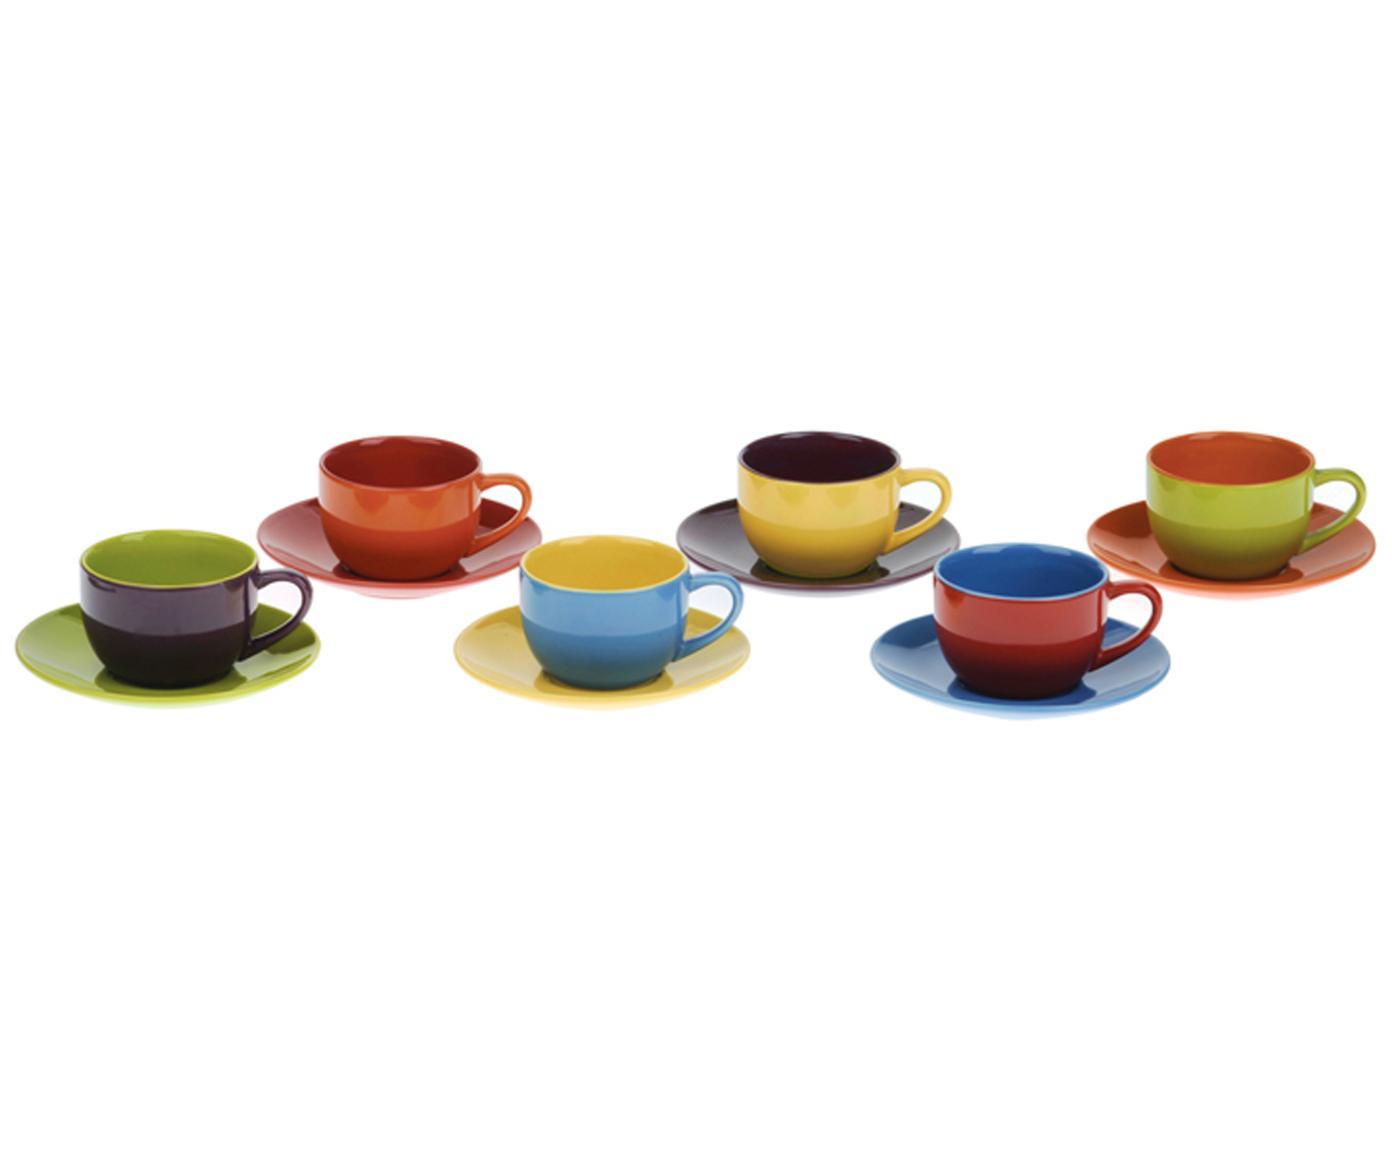 Set de tazas de café Harlequin, 12pzas., Gres, Multicolor, Ø 12 x Al 5 cm